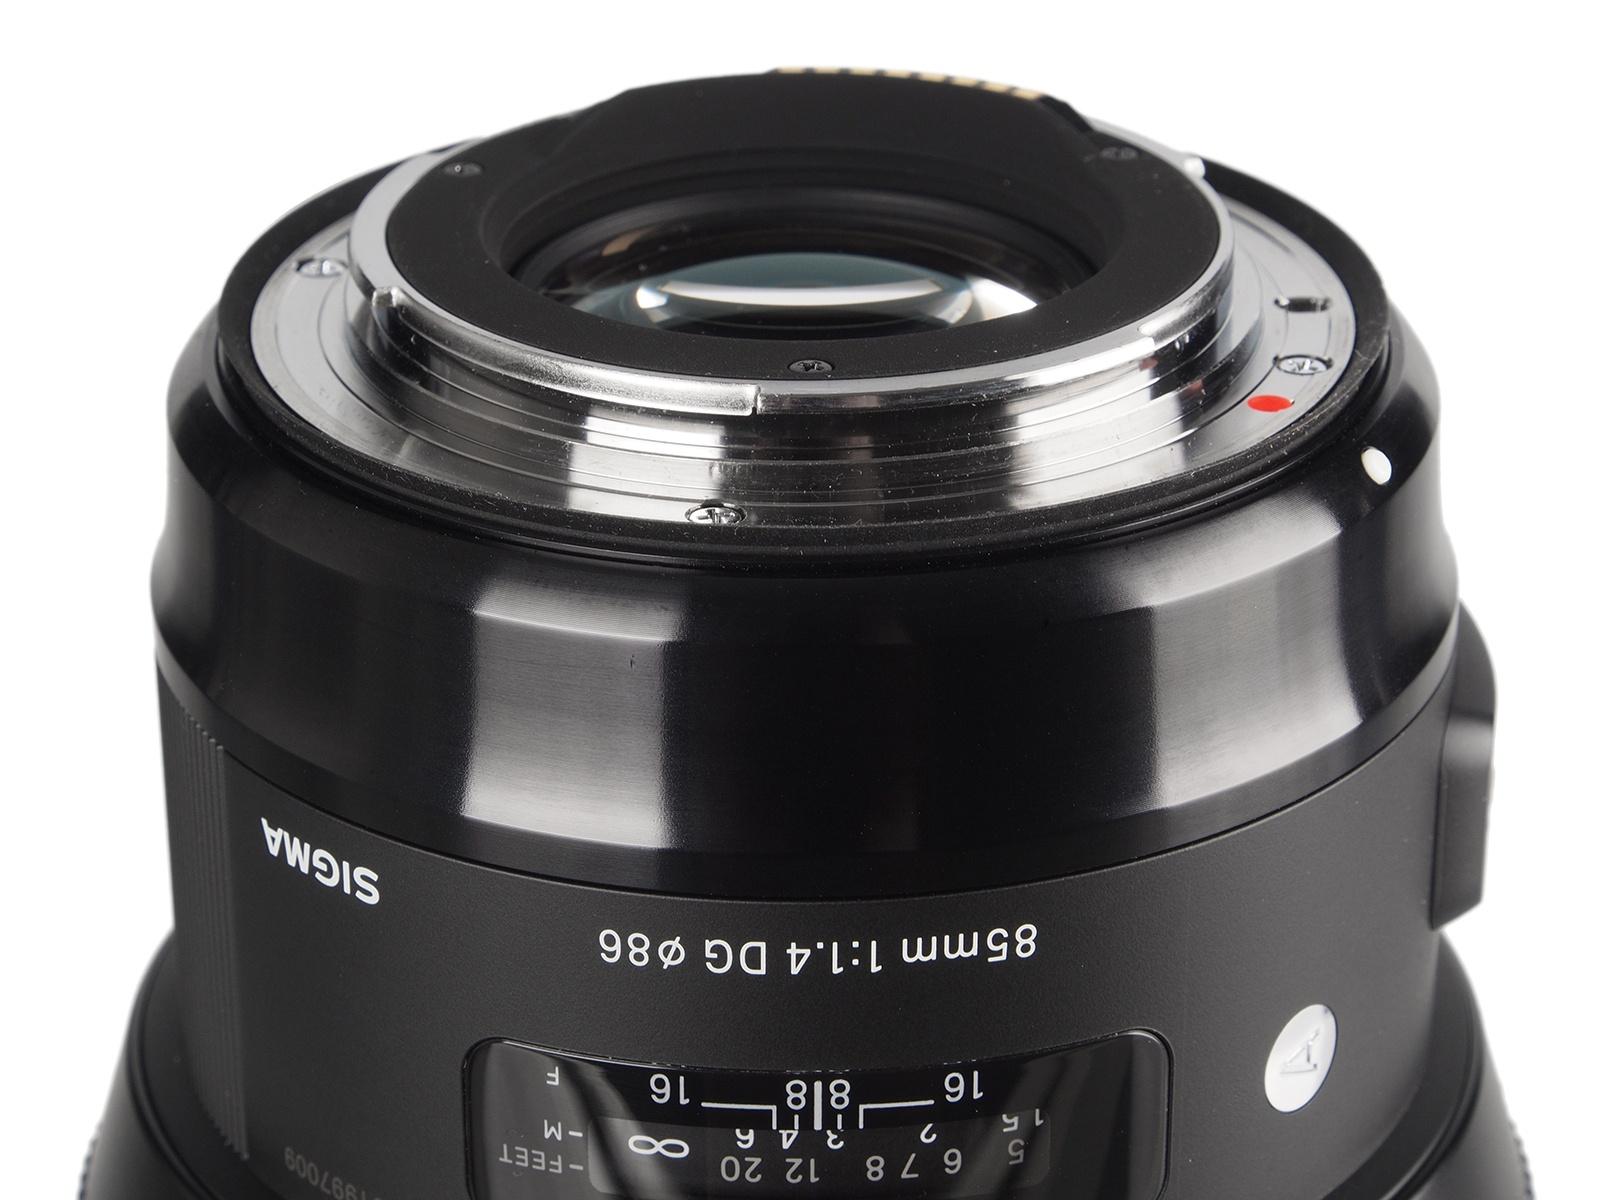 Sigma 85mm F 14 Dg Hsm Art Teszt Ex Nikon A Korbbi Modellhez Kpest Mind Mretben Tmegben Jval Komolyabb J Modell 11 Helyett Lencsetagbl Pl Fel